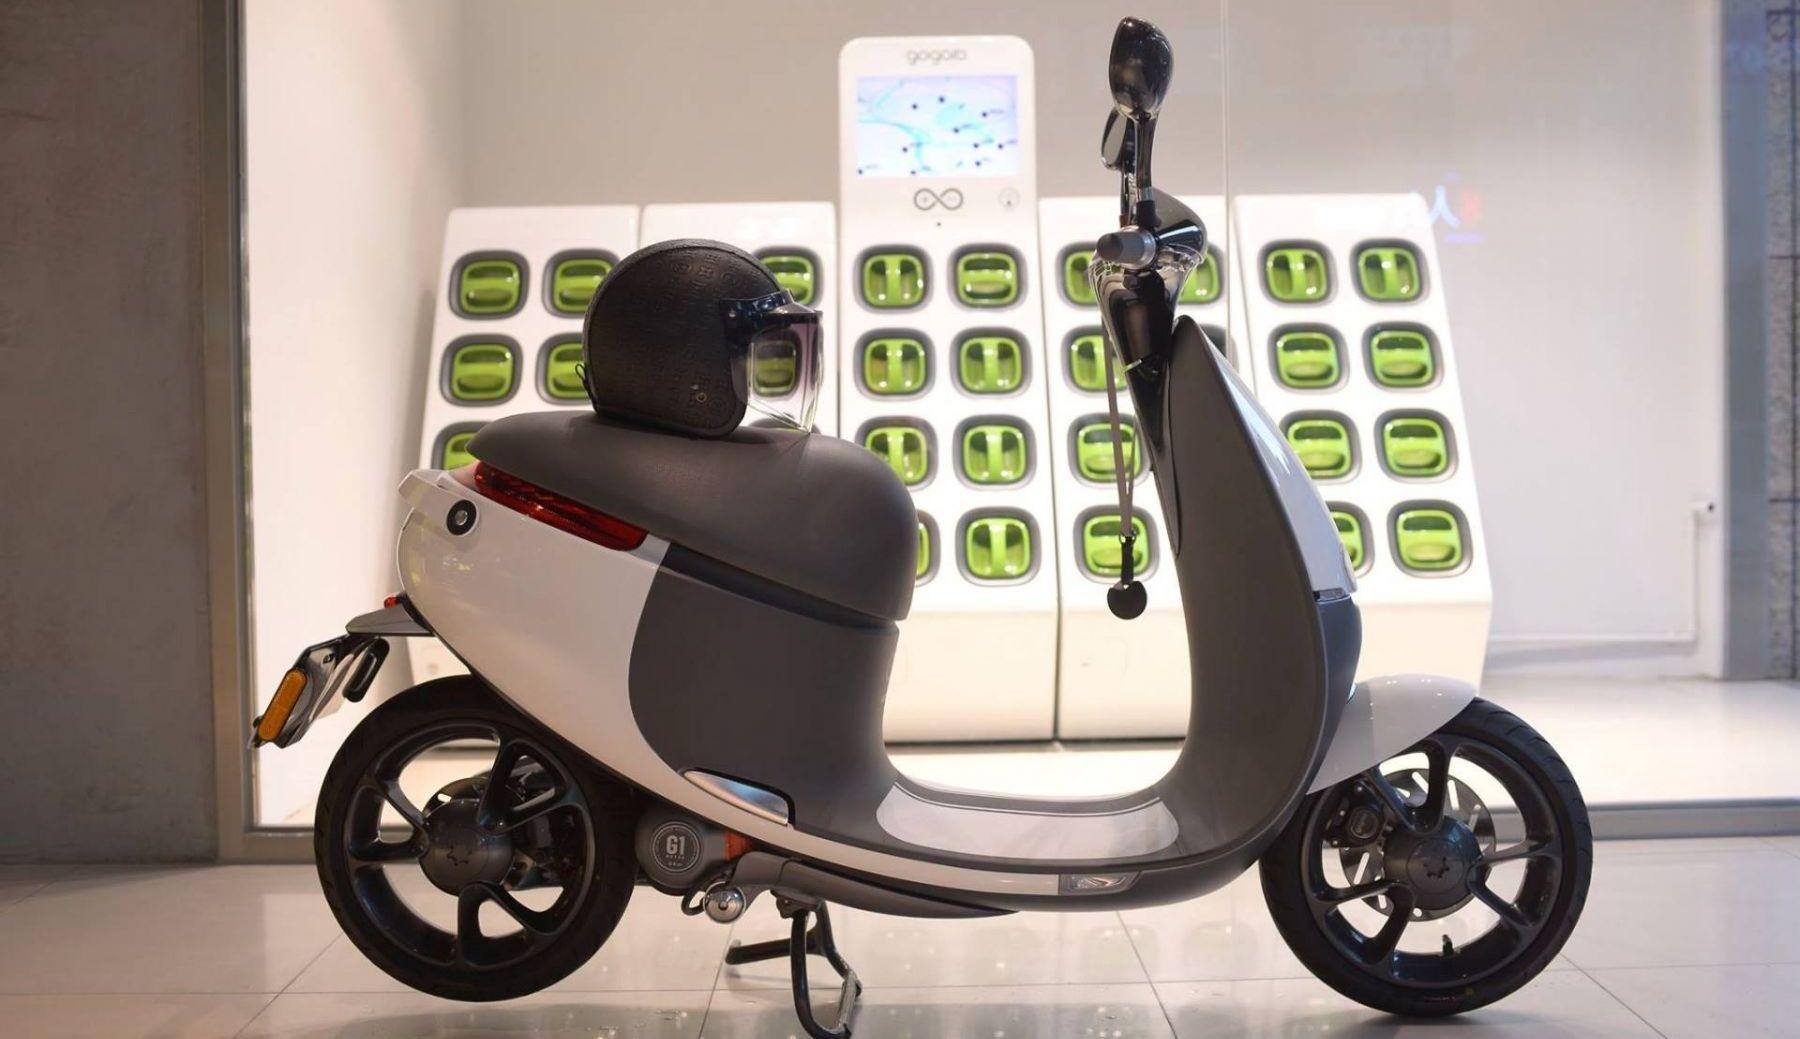 空污x綠色能源 台灣電動機車走向國際急需英語人才!